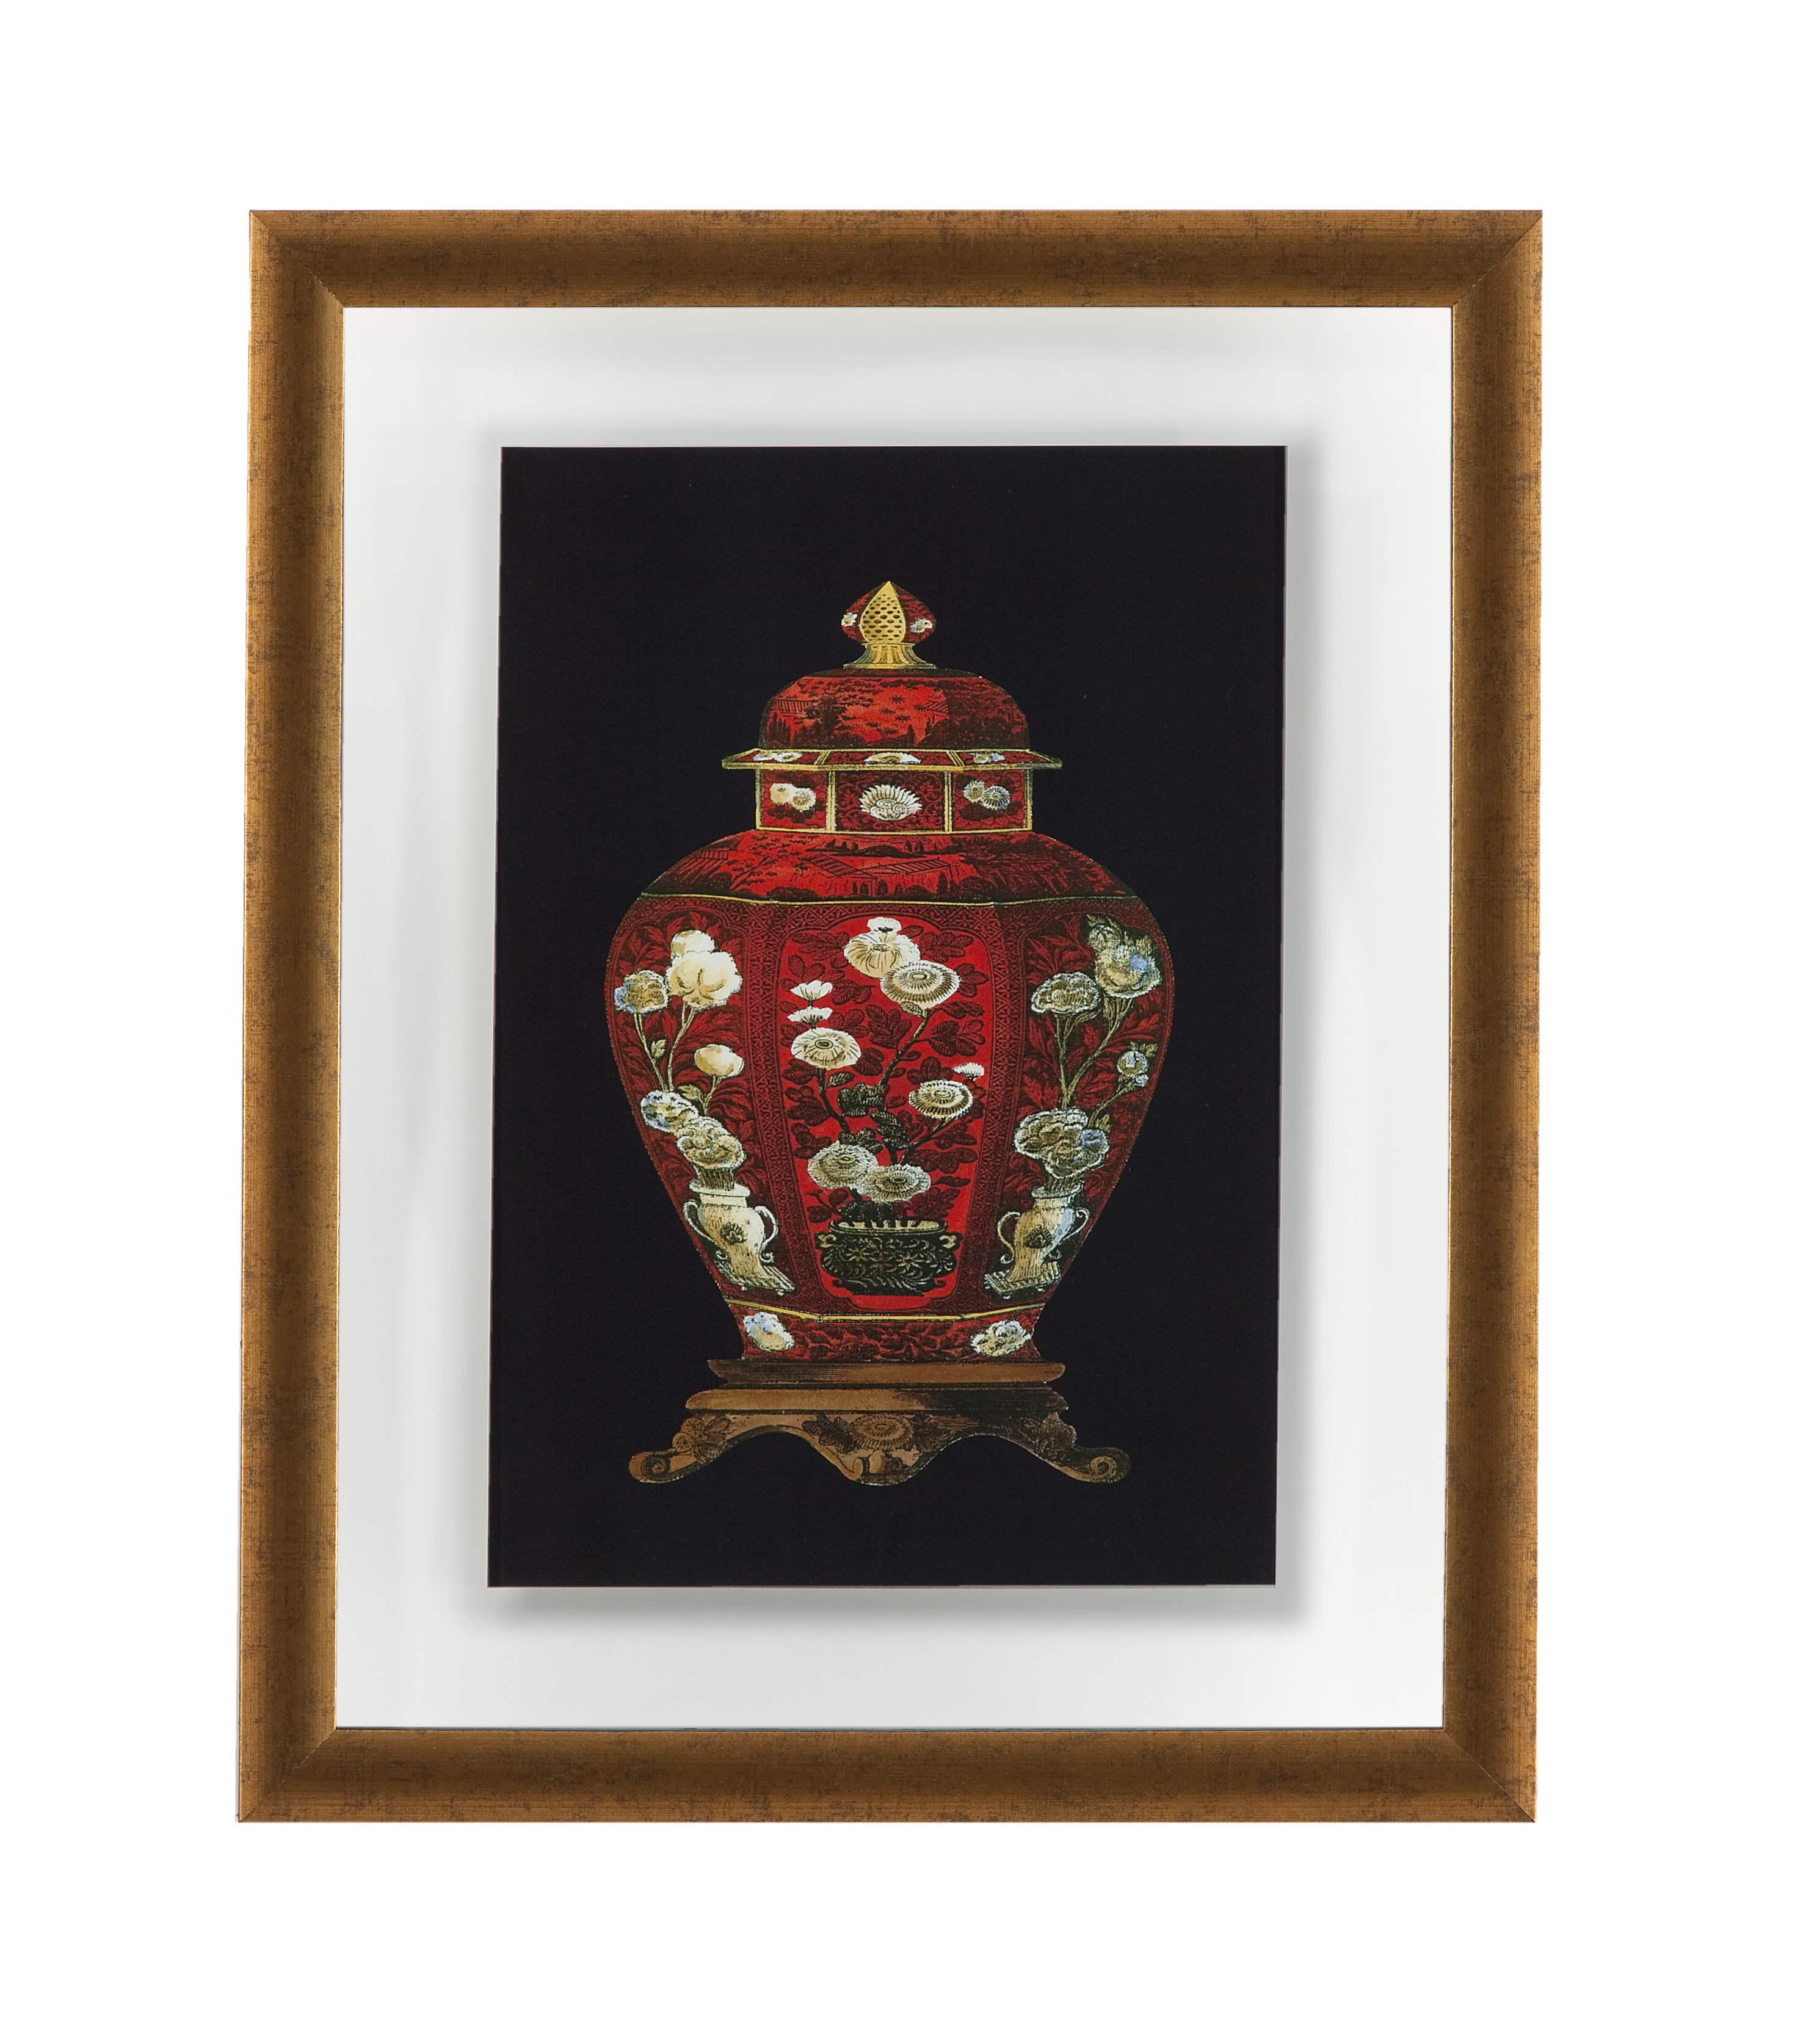 Red Porcelain Vase I